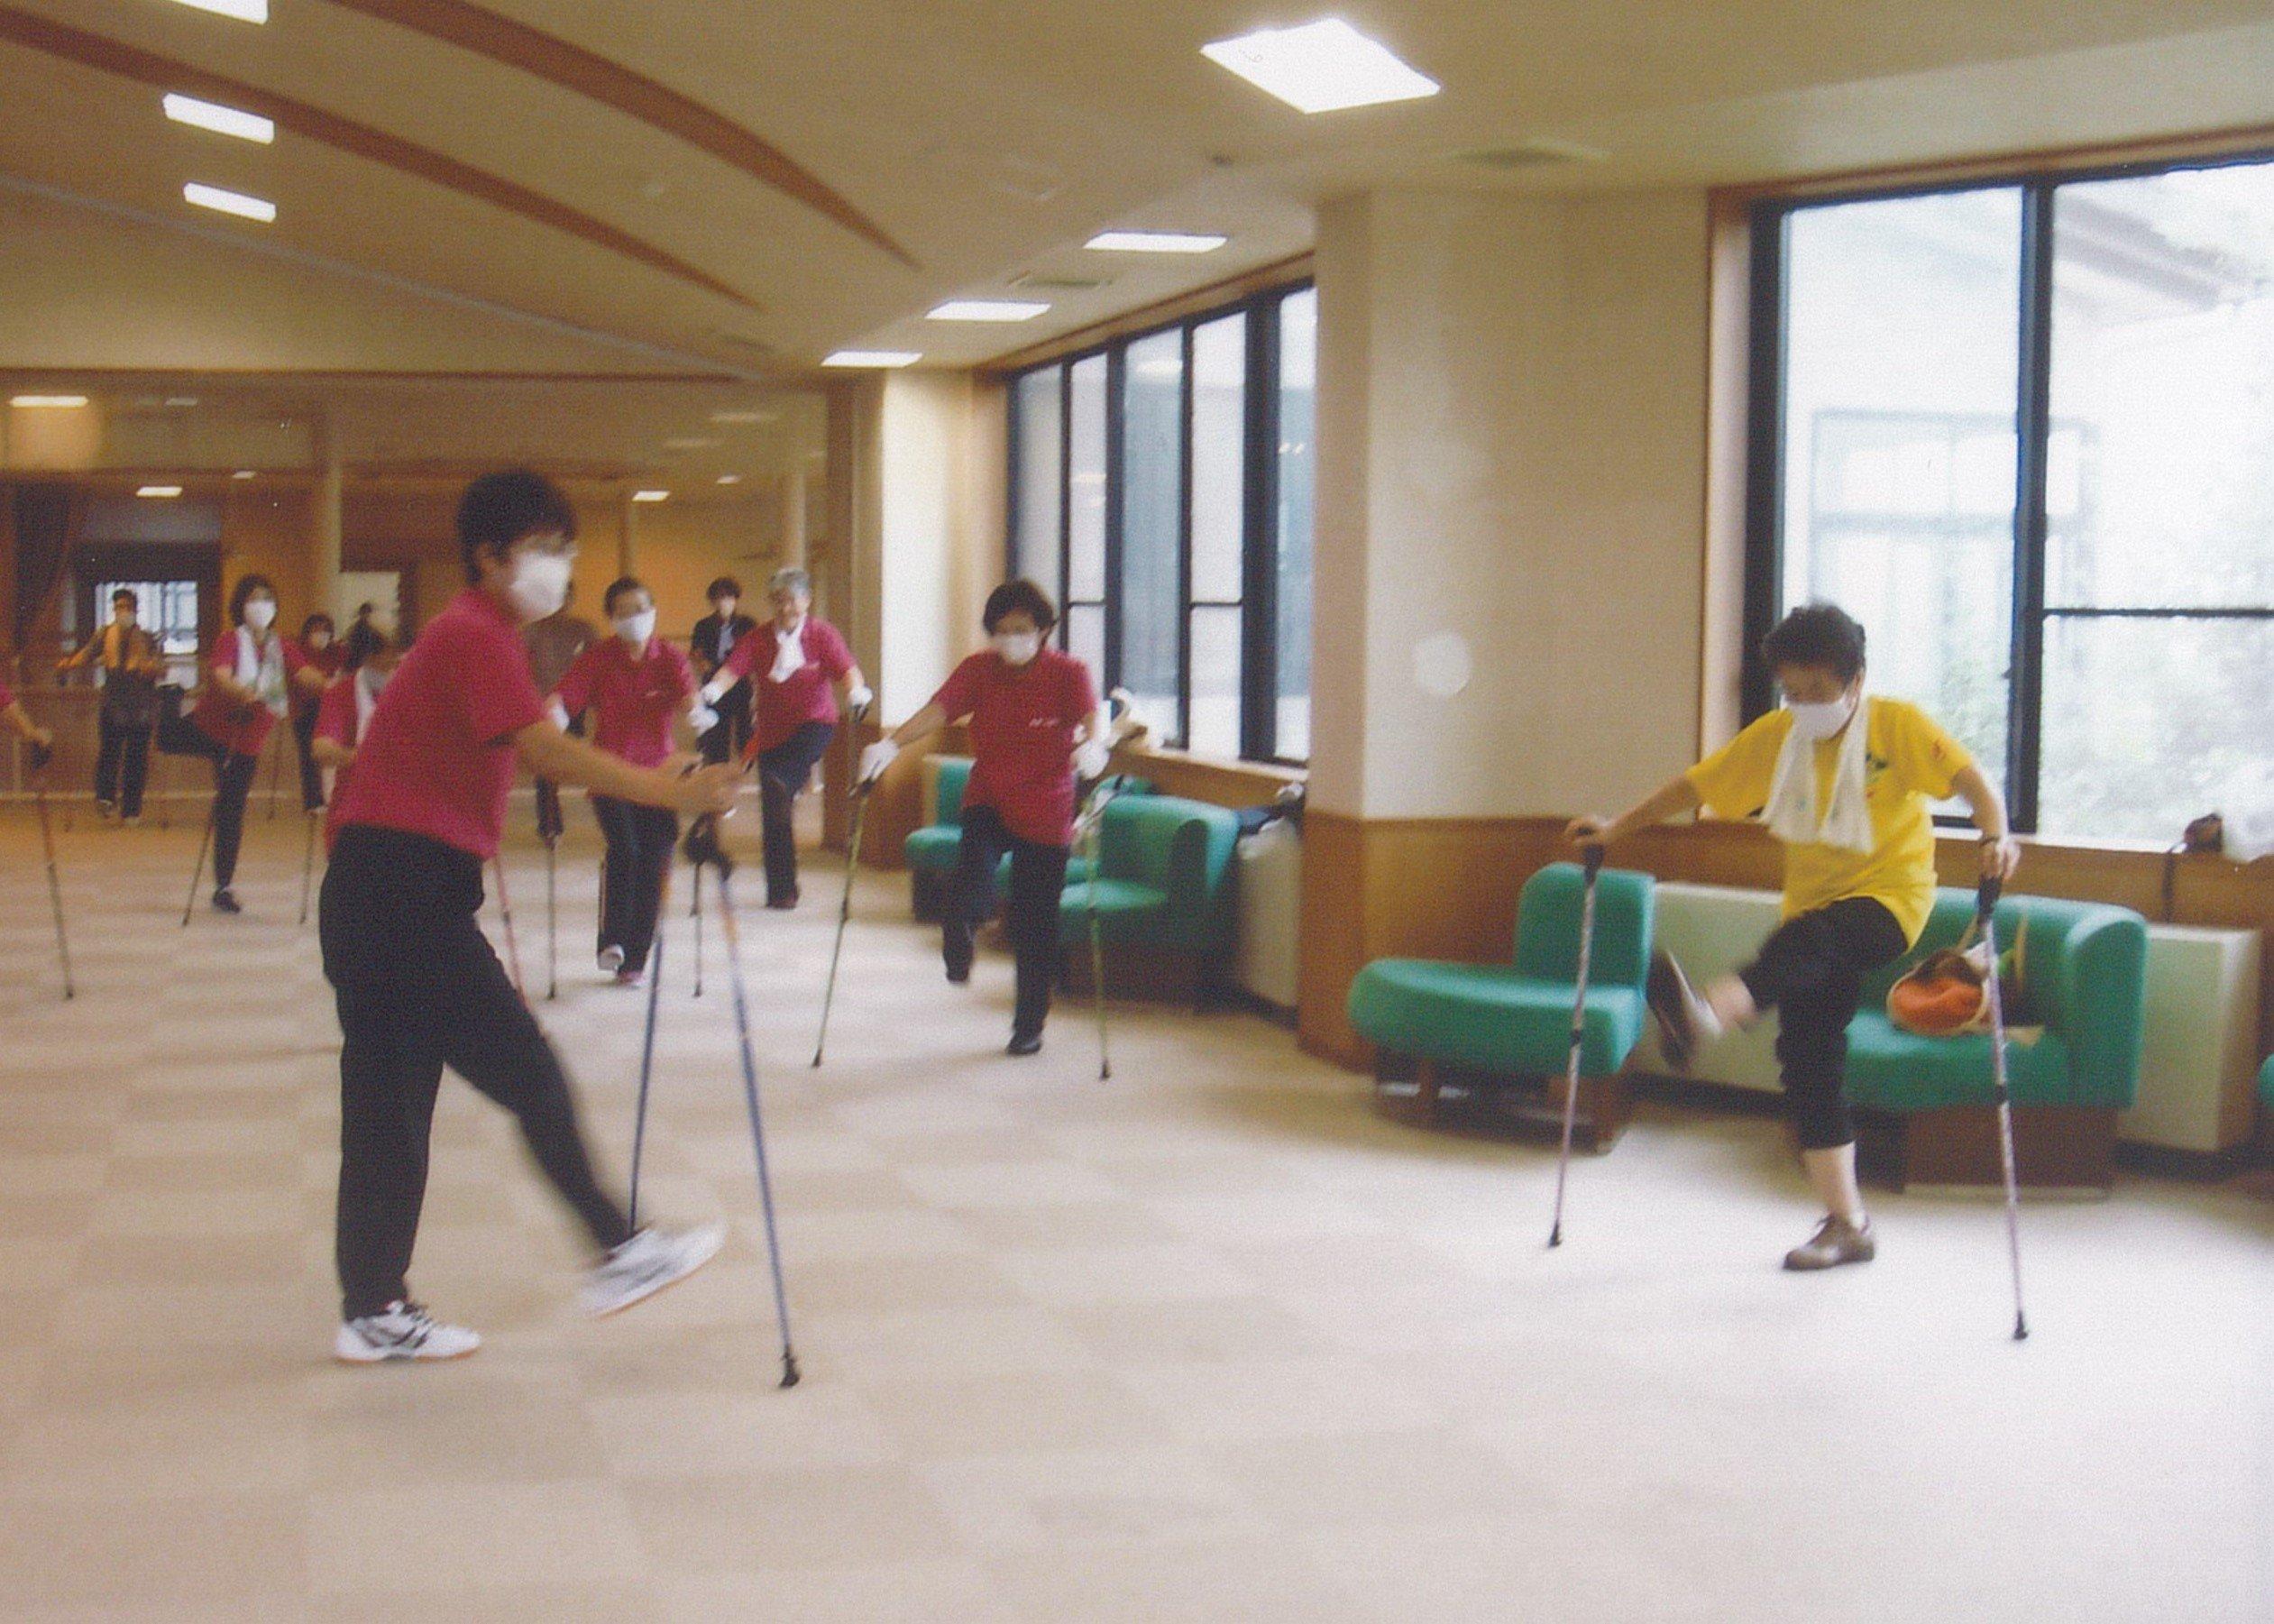 02_せいきコミュニティースポーツクラブ3.jpg